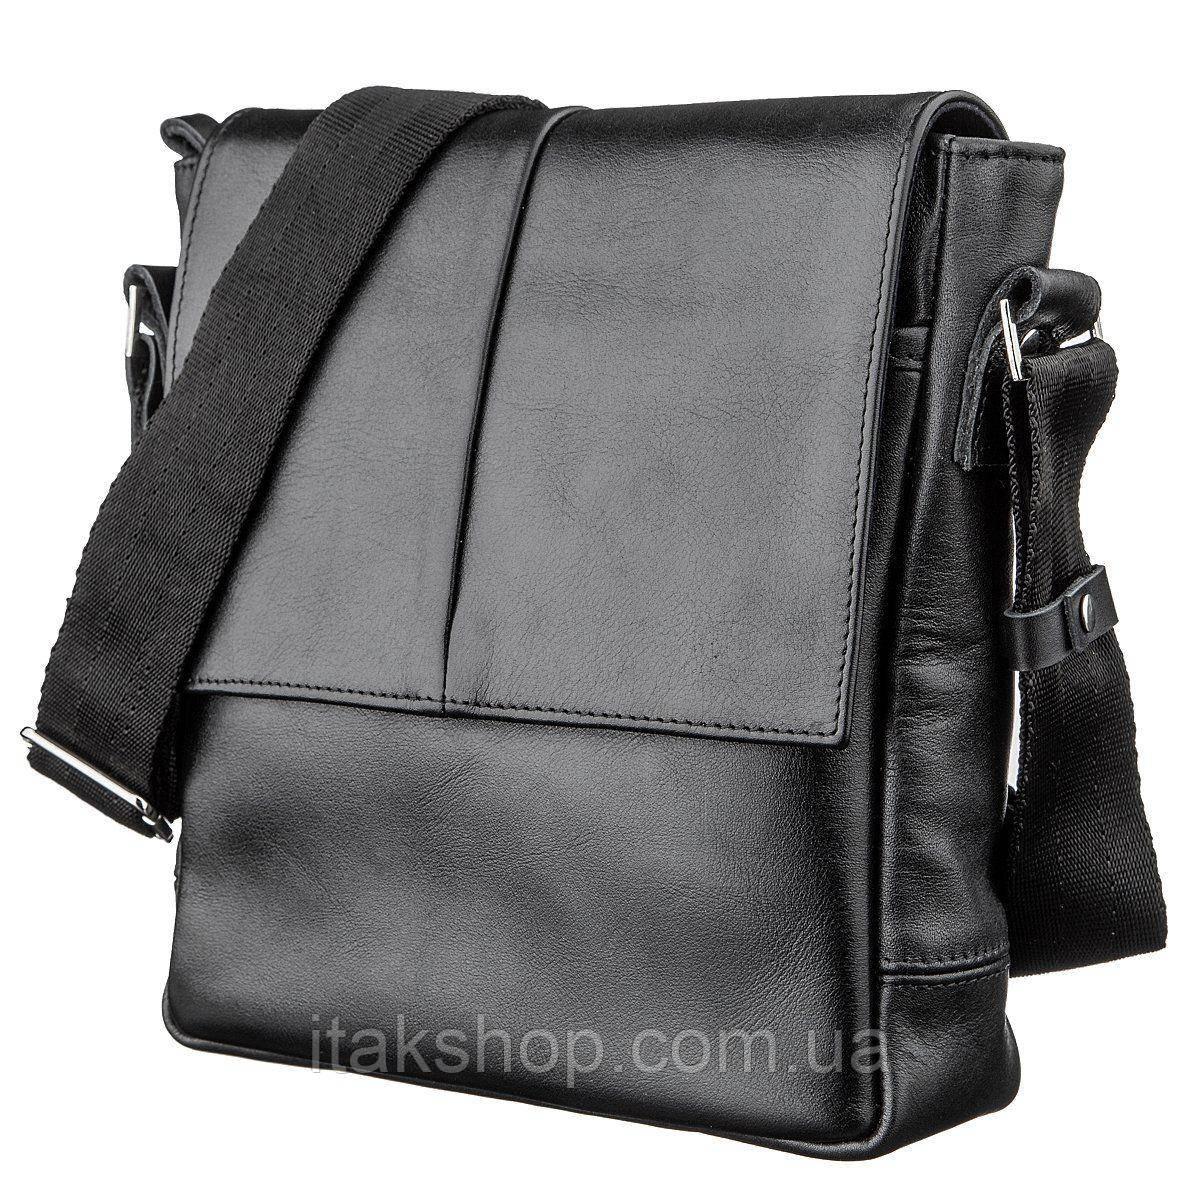 Кожаная мужская сумка мессенджер Shvigel (Черный)